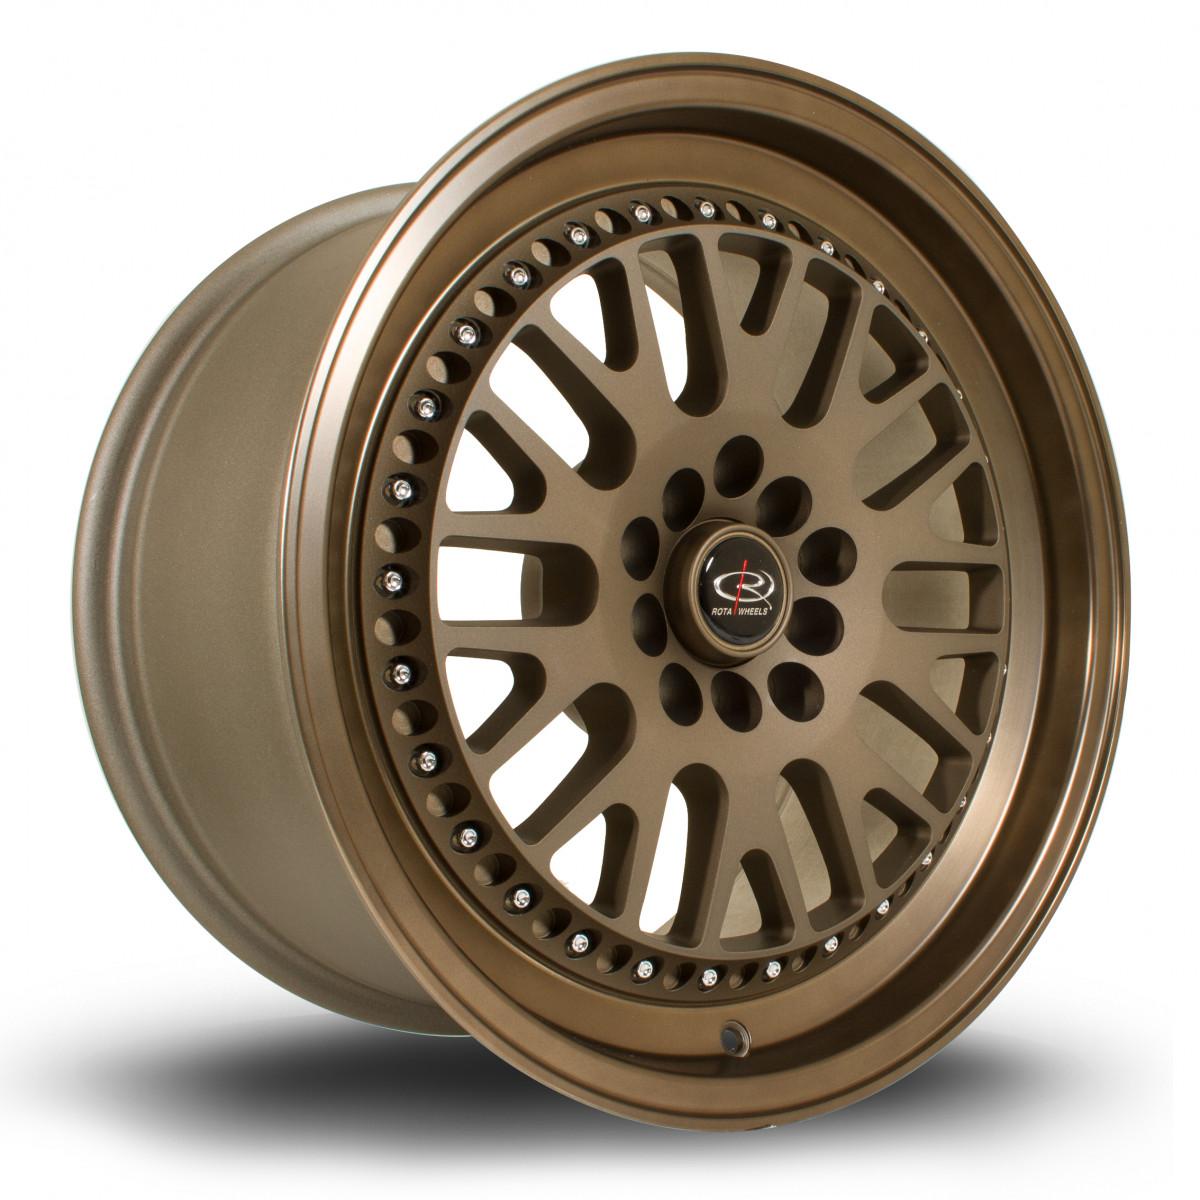 Flush 17x9 5x114 ET25 Speed Bronze